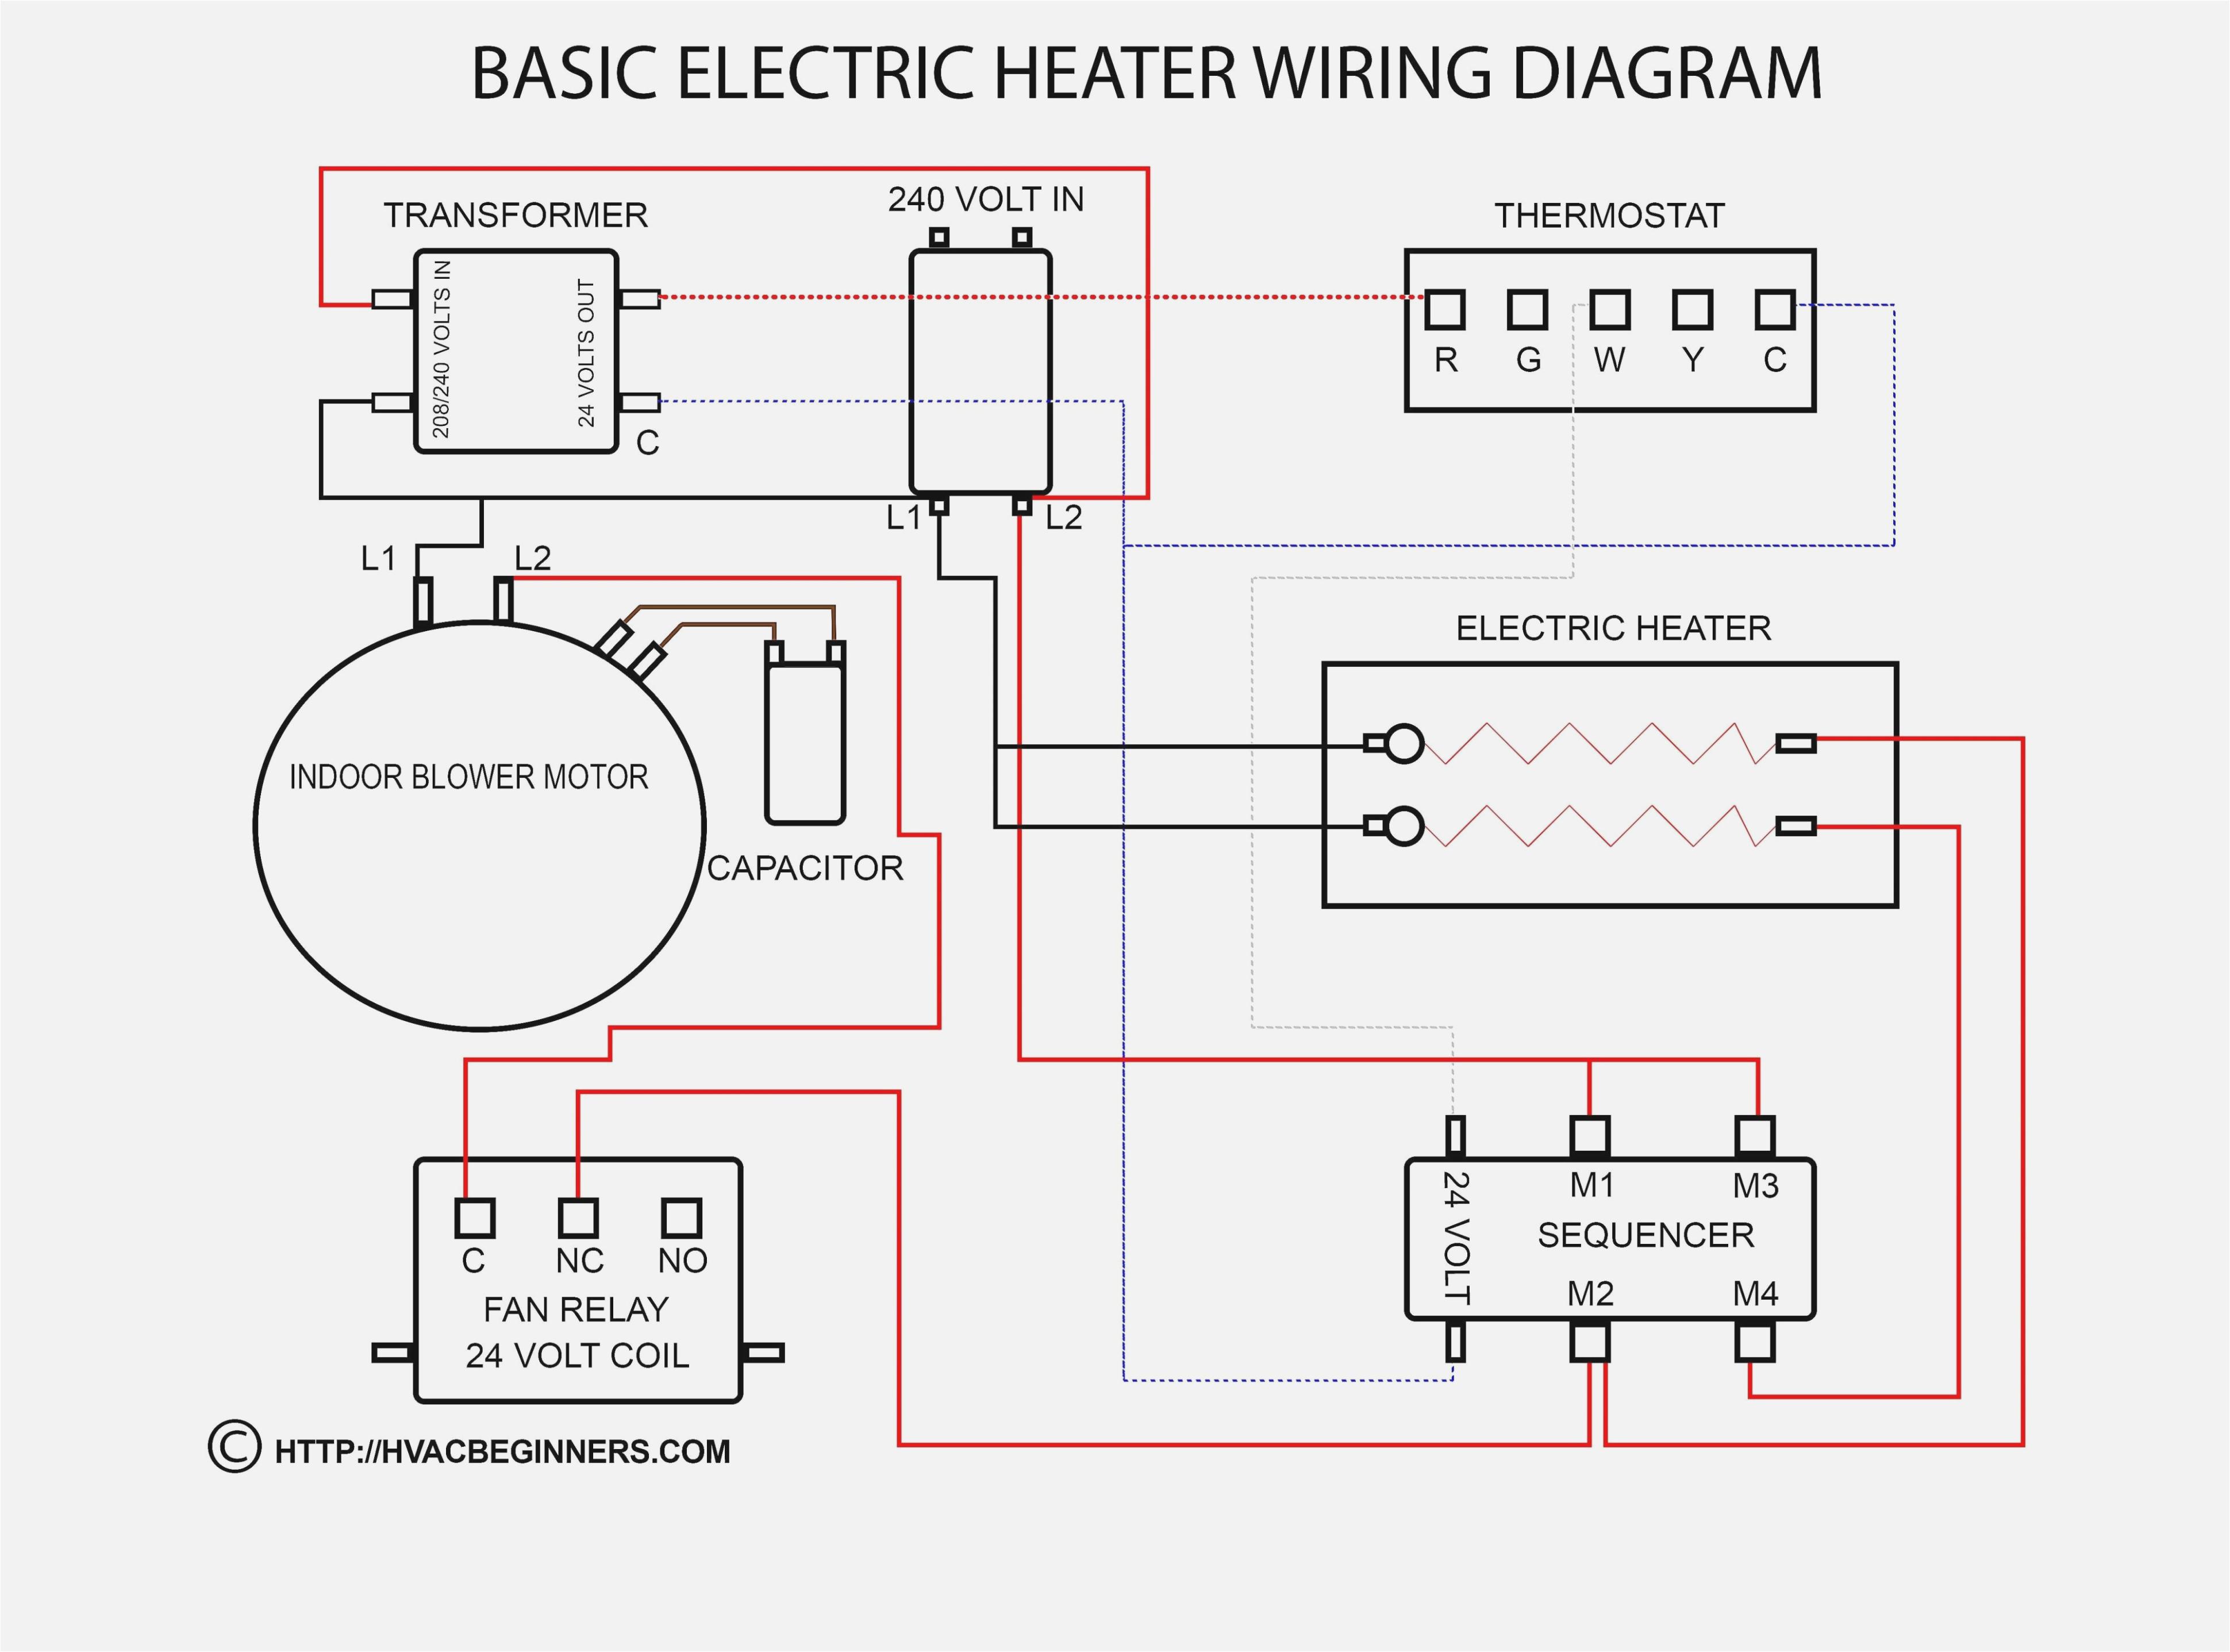 air compressor 240 volt wiring diagram wiring diagram options air pressor 240 volt wiring diagram wiring